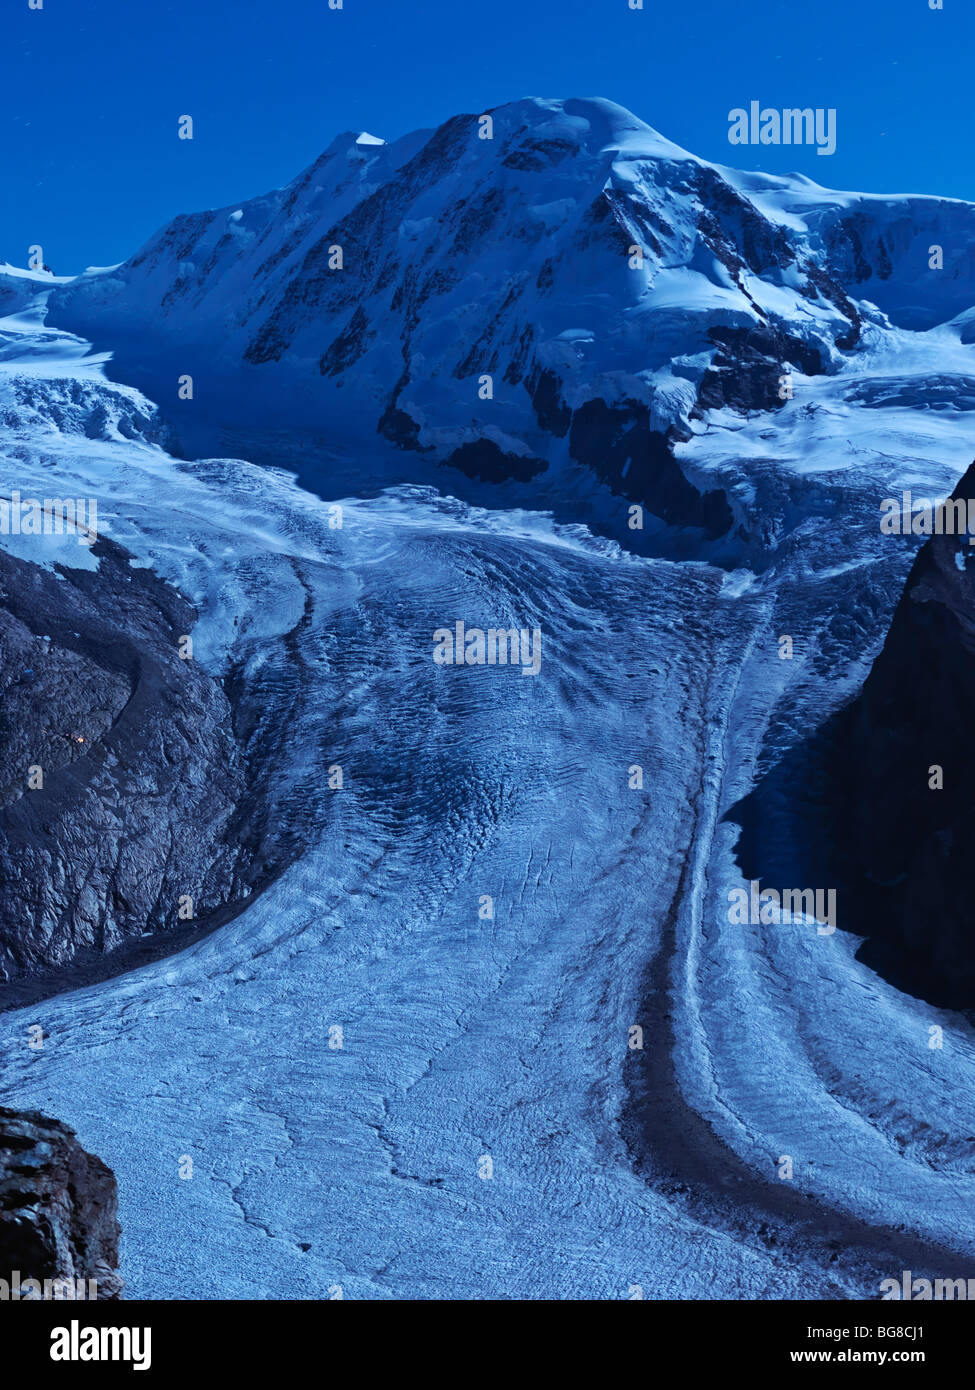 Suiza, Valais, Zermatt, Gornergrat,Monte Breithorn y el Glaciar Gorner iluminado por la luz de la luna Imagen De Stock